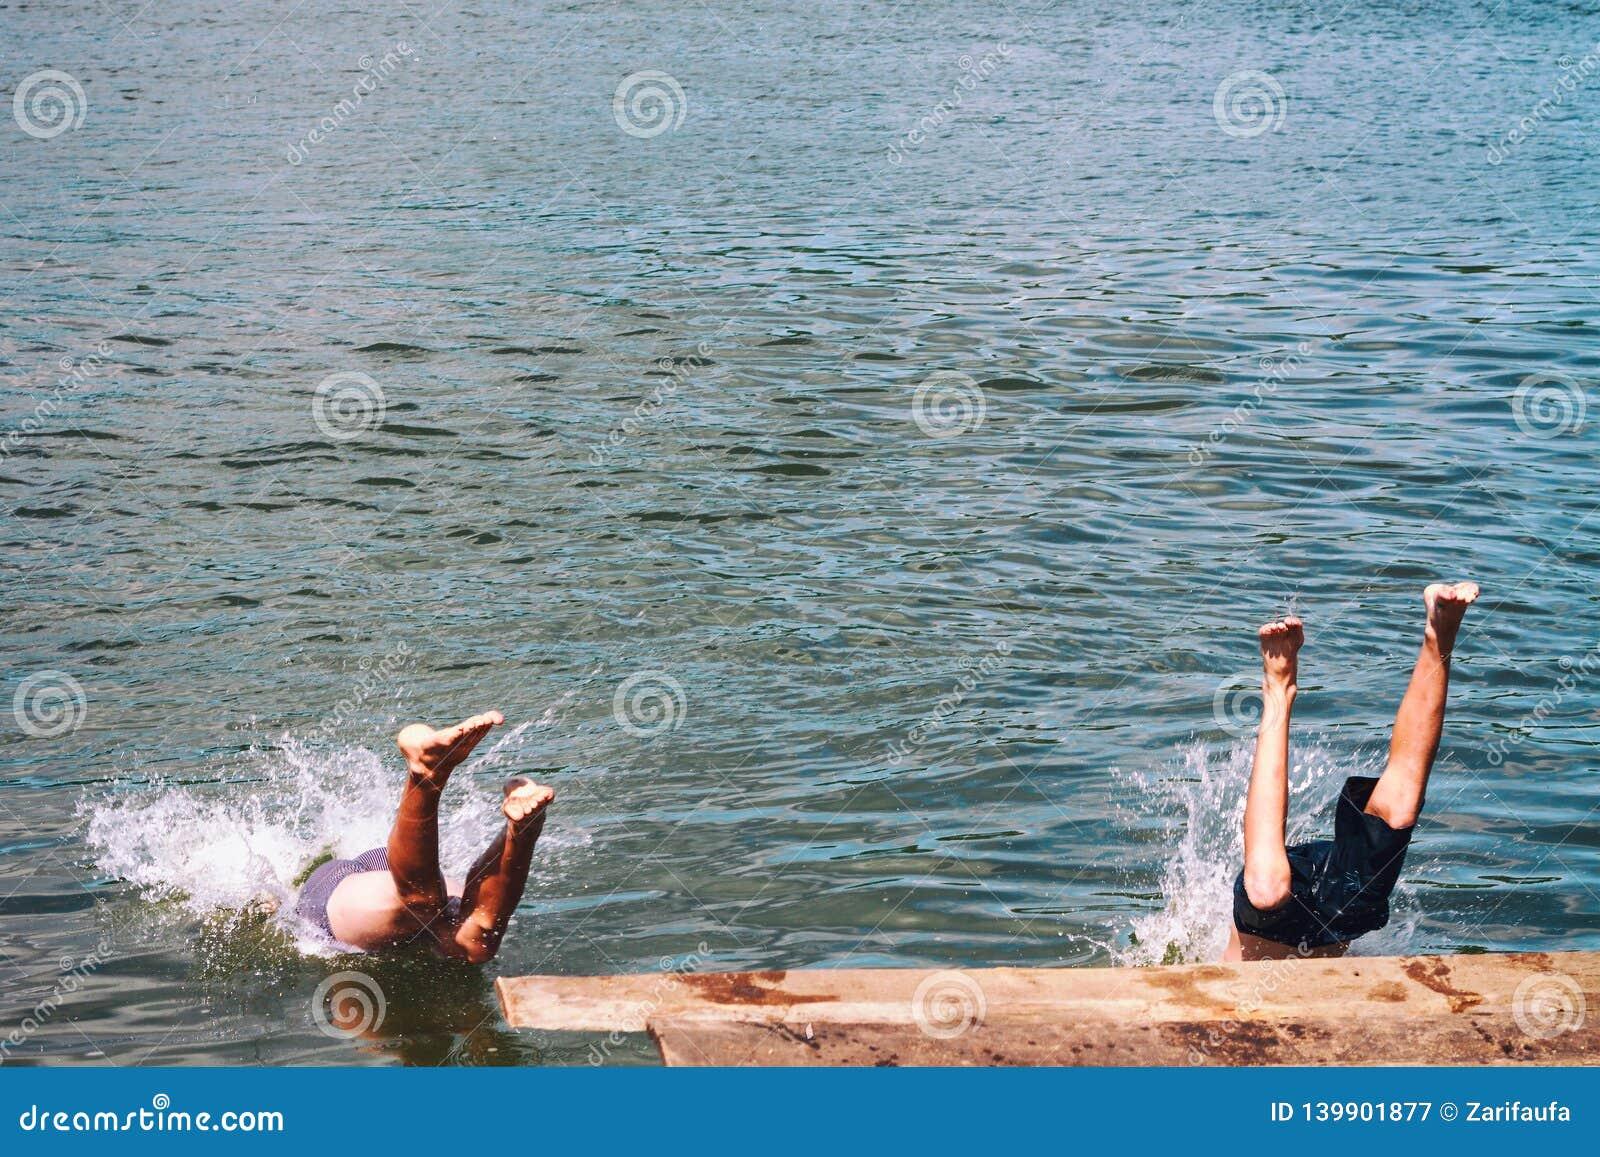 Mężczyźni skacze z drewnianego mola, cieki bryzga na wejściu nawadniać